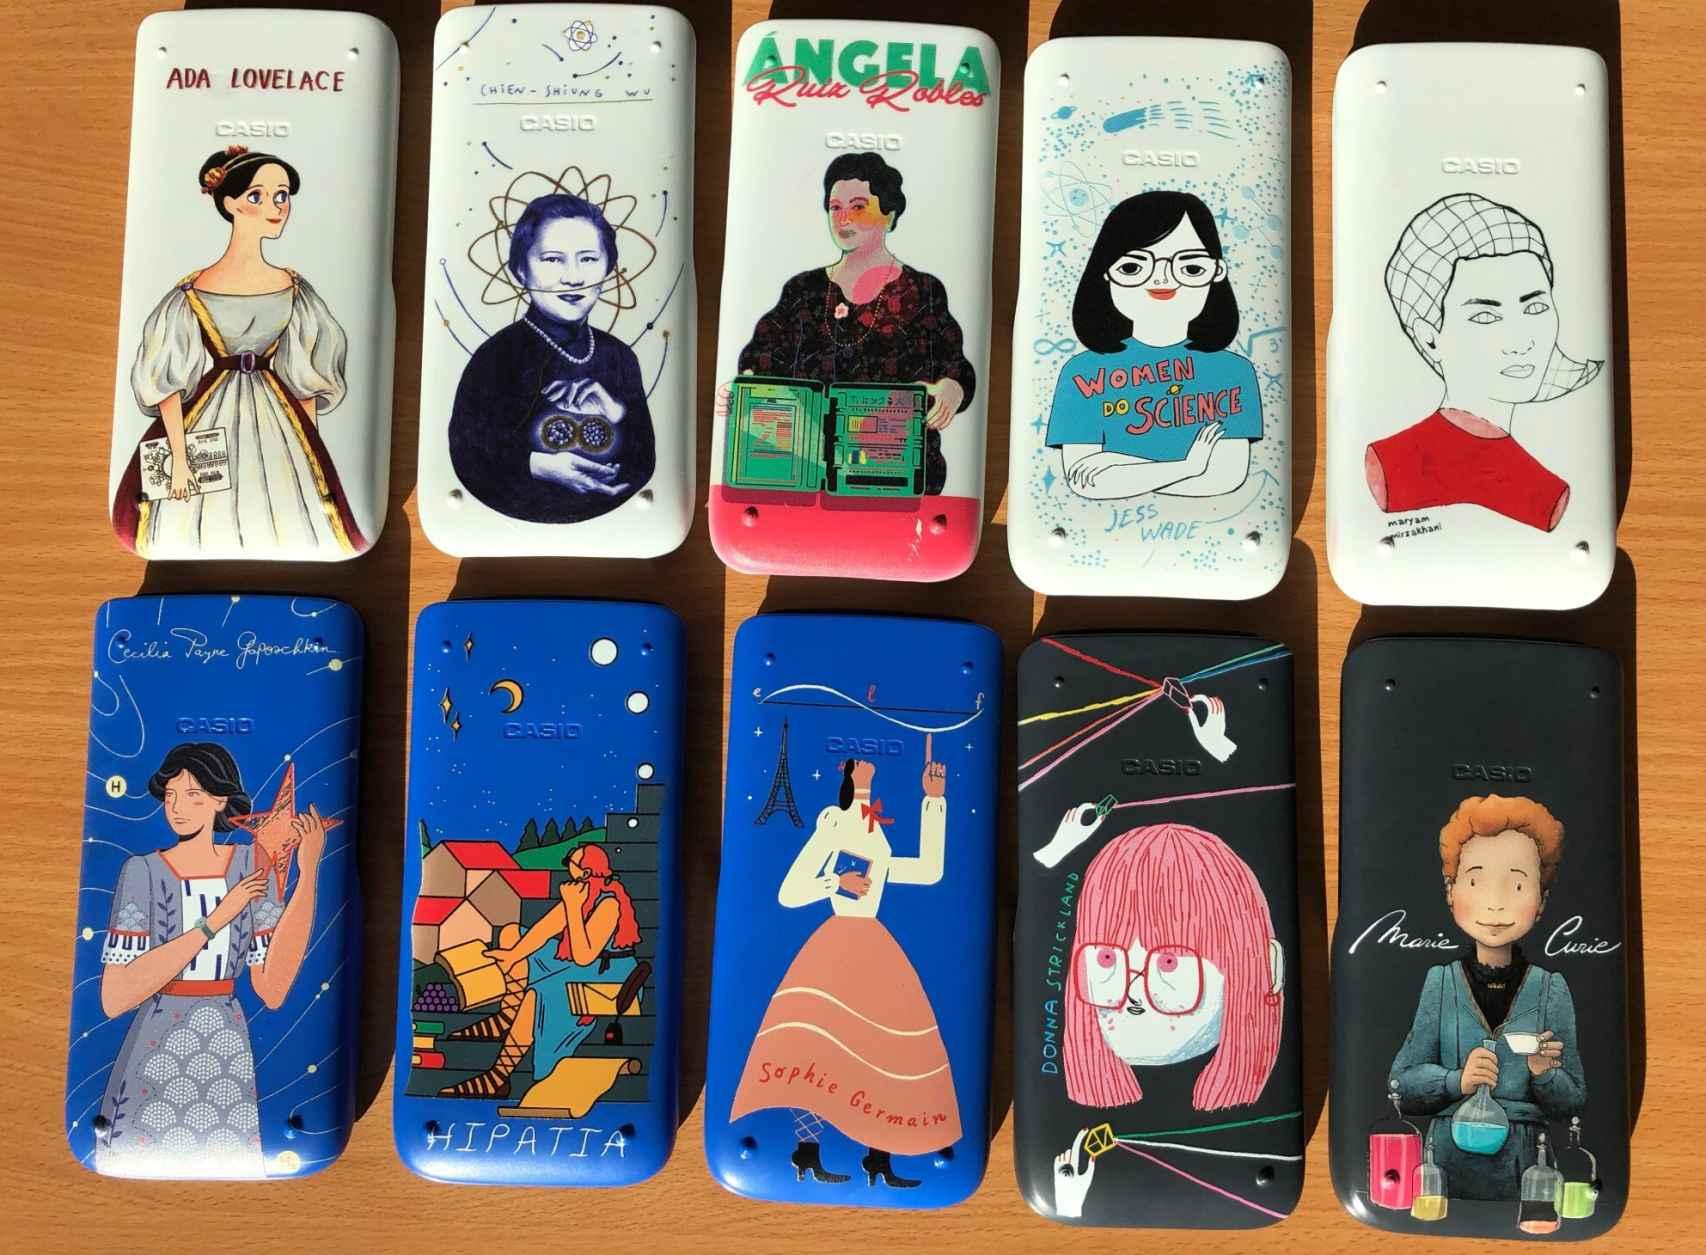 Diez de las doce carcasas disponibles de Mujeres en la Ciencia, de Casio.